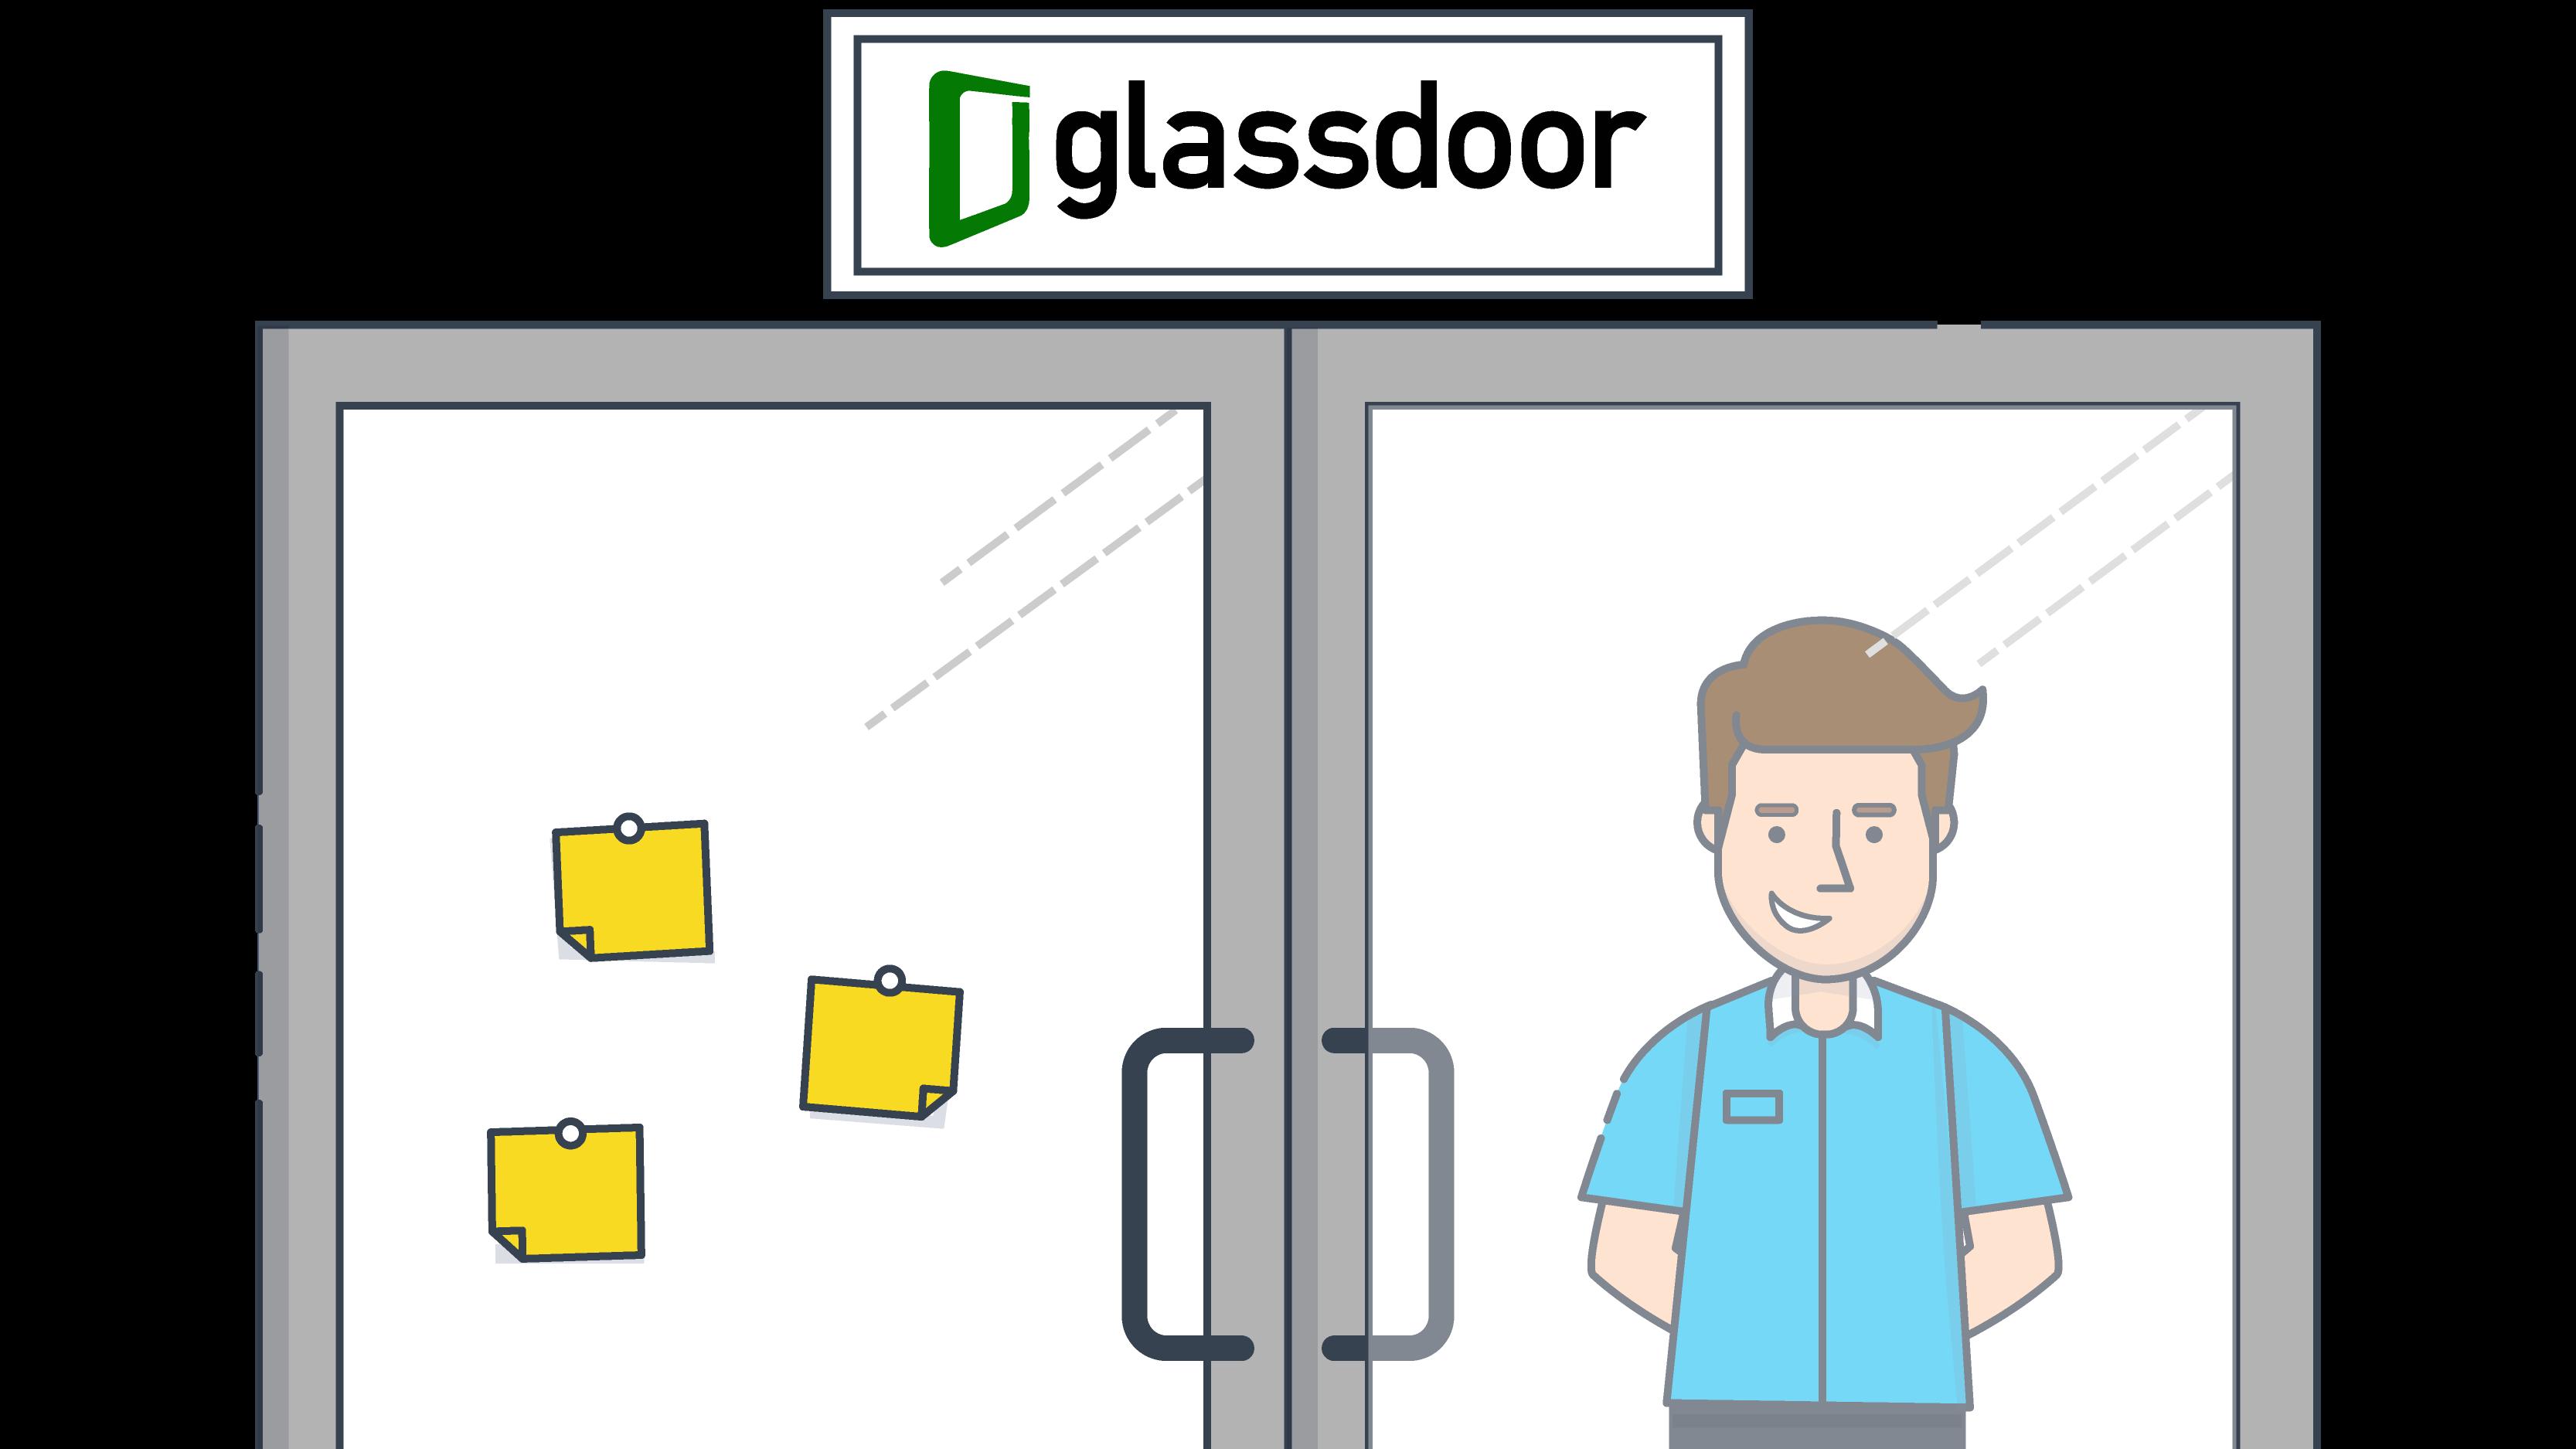 glassdoor job posting